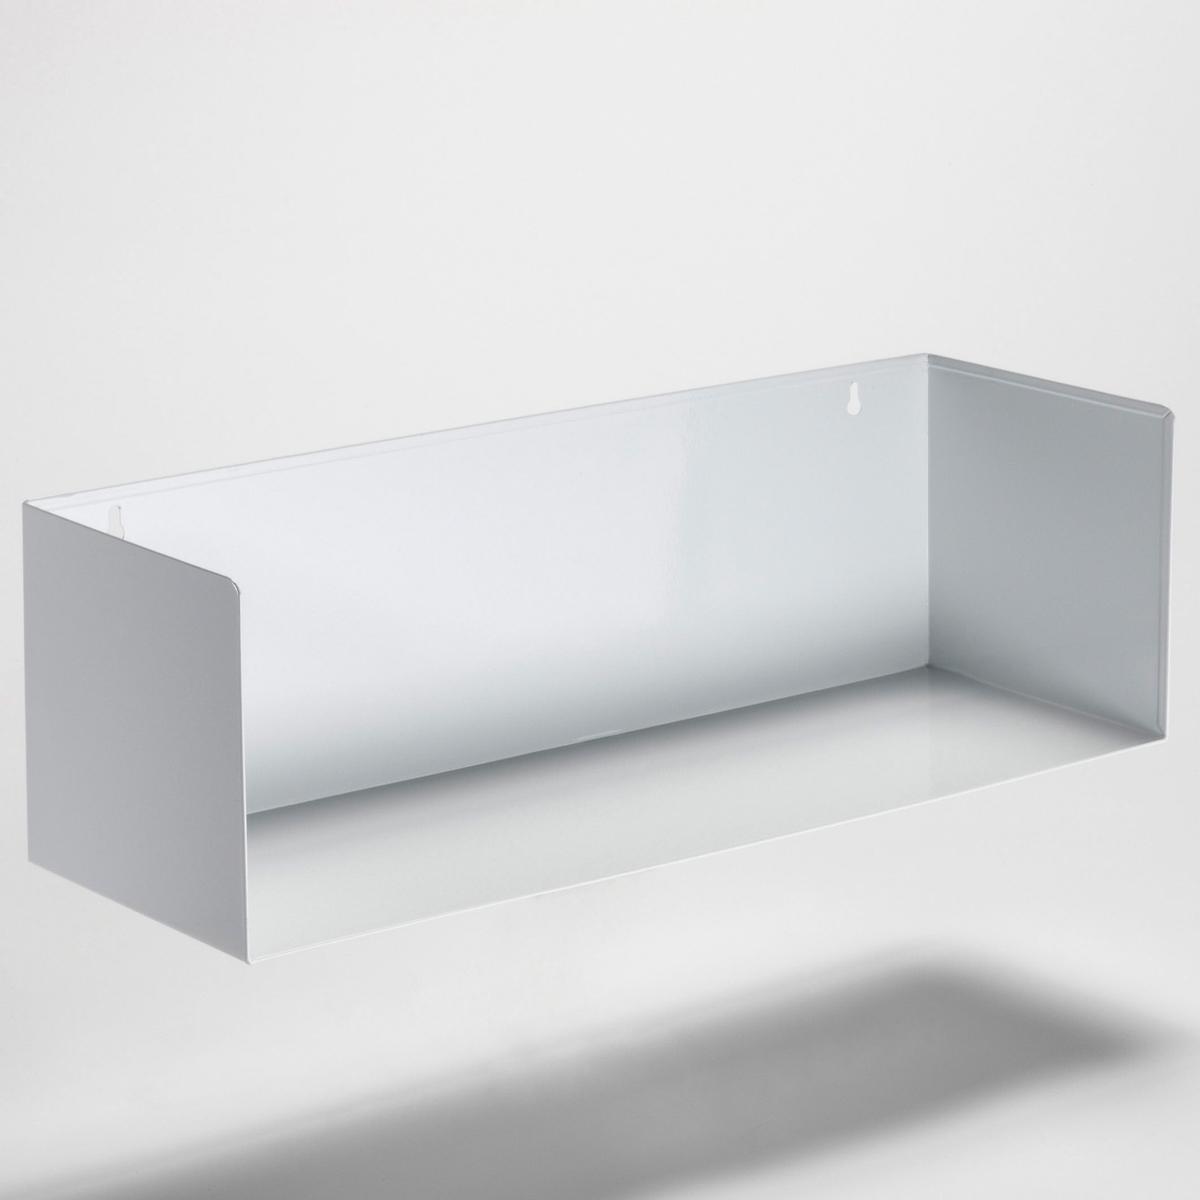 Полка настенная прямоугольная  (комплект из  2) ToranaПолка прямоугольная, комплект из  2 : невероятно практична-в спальне, прихожей, гостиной.... Гальванизированный металл- необработанный или с эпоксидным покрытием .Размеры. : 58 x 18 x 18 см . Выдерживает вес до  7 кг .<br><br>Цвет: белый,серый